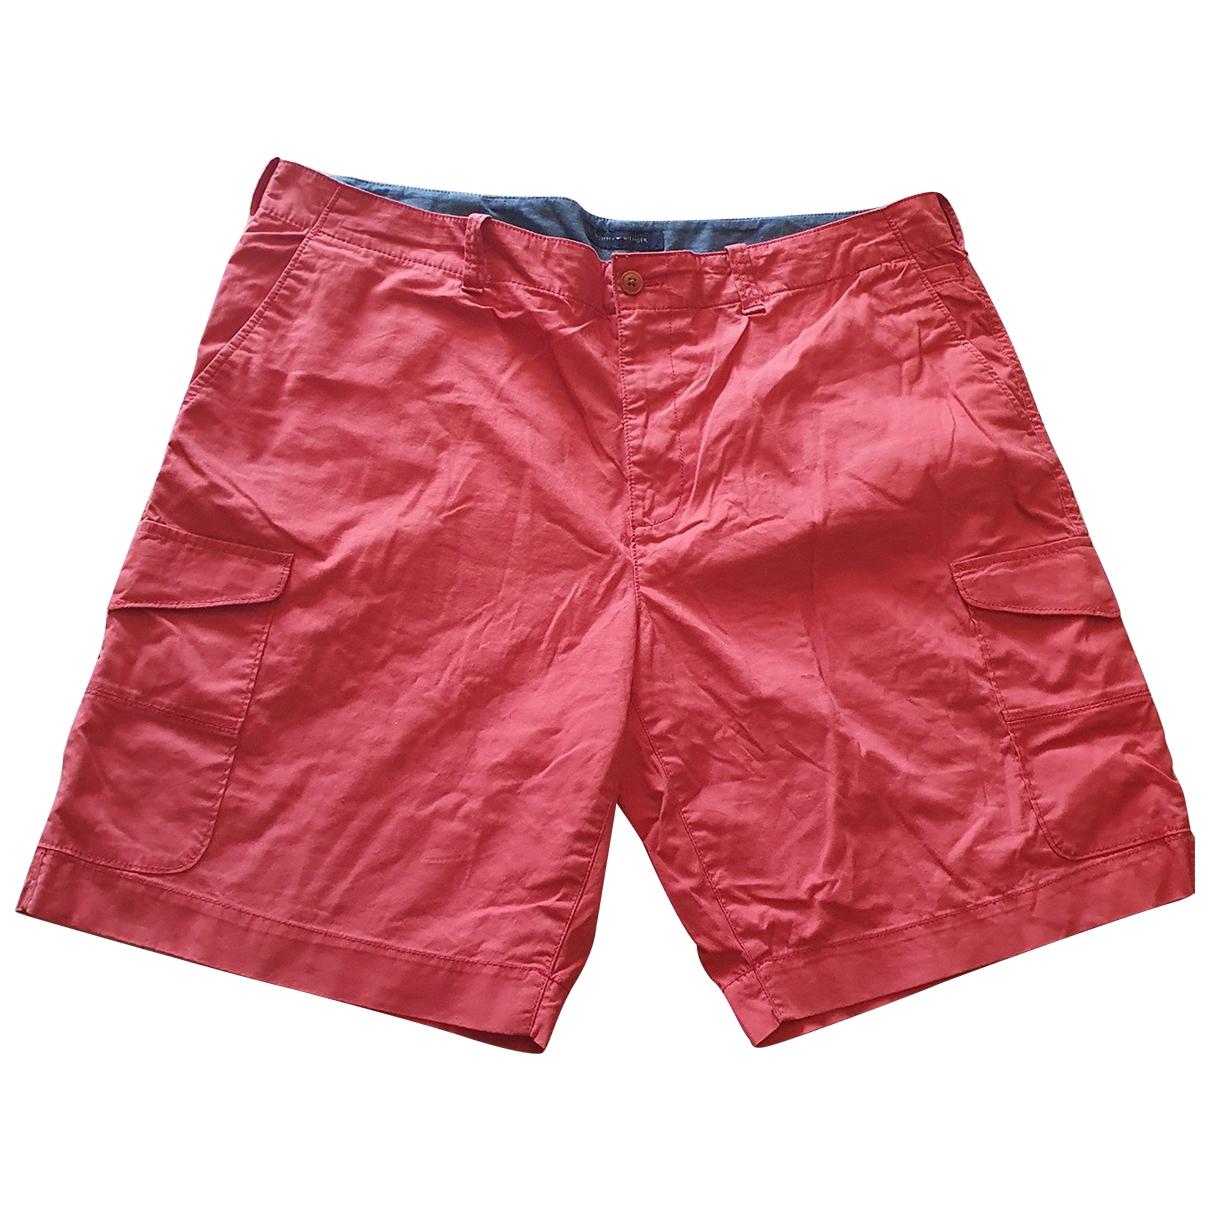 Tommy Hilfiger - Short   pour homme en coton - orange